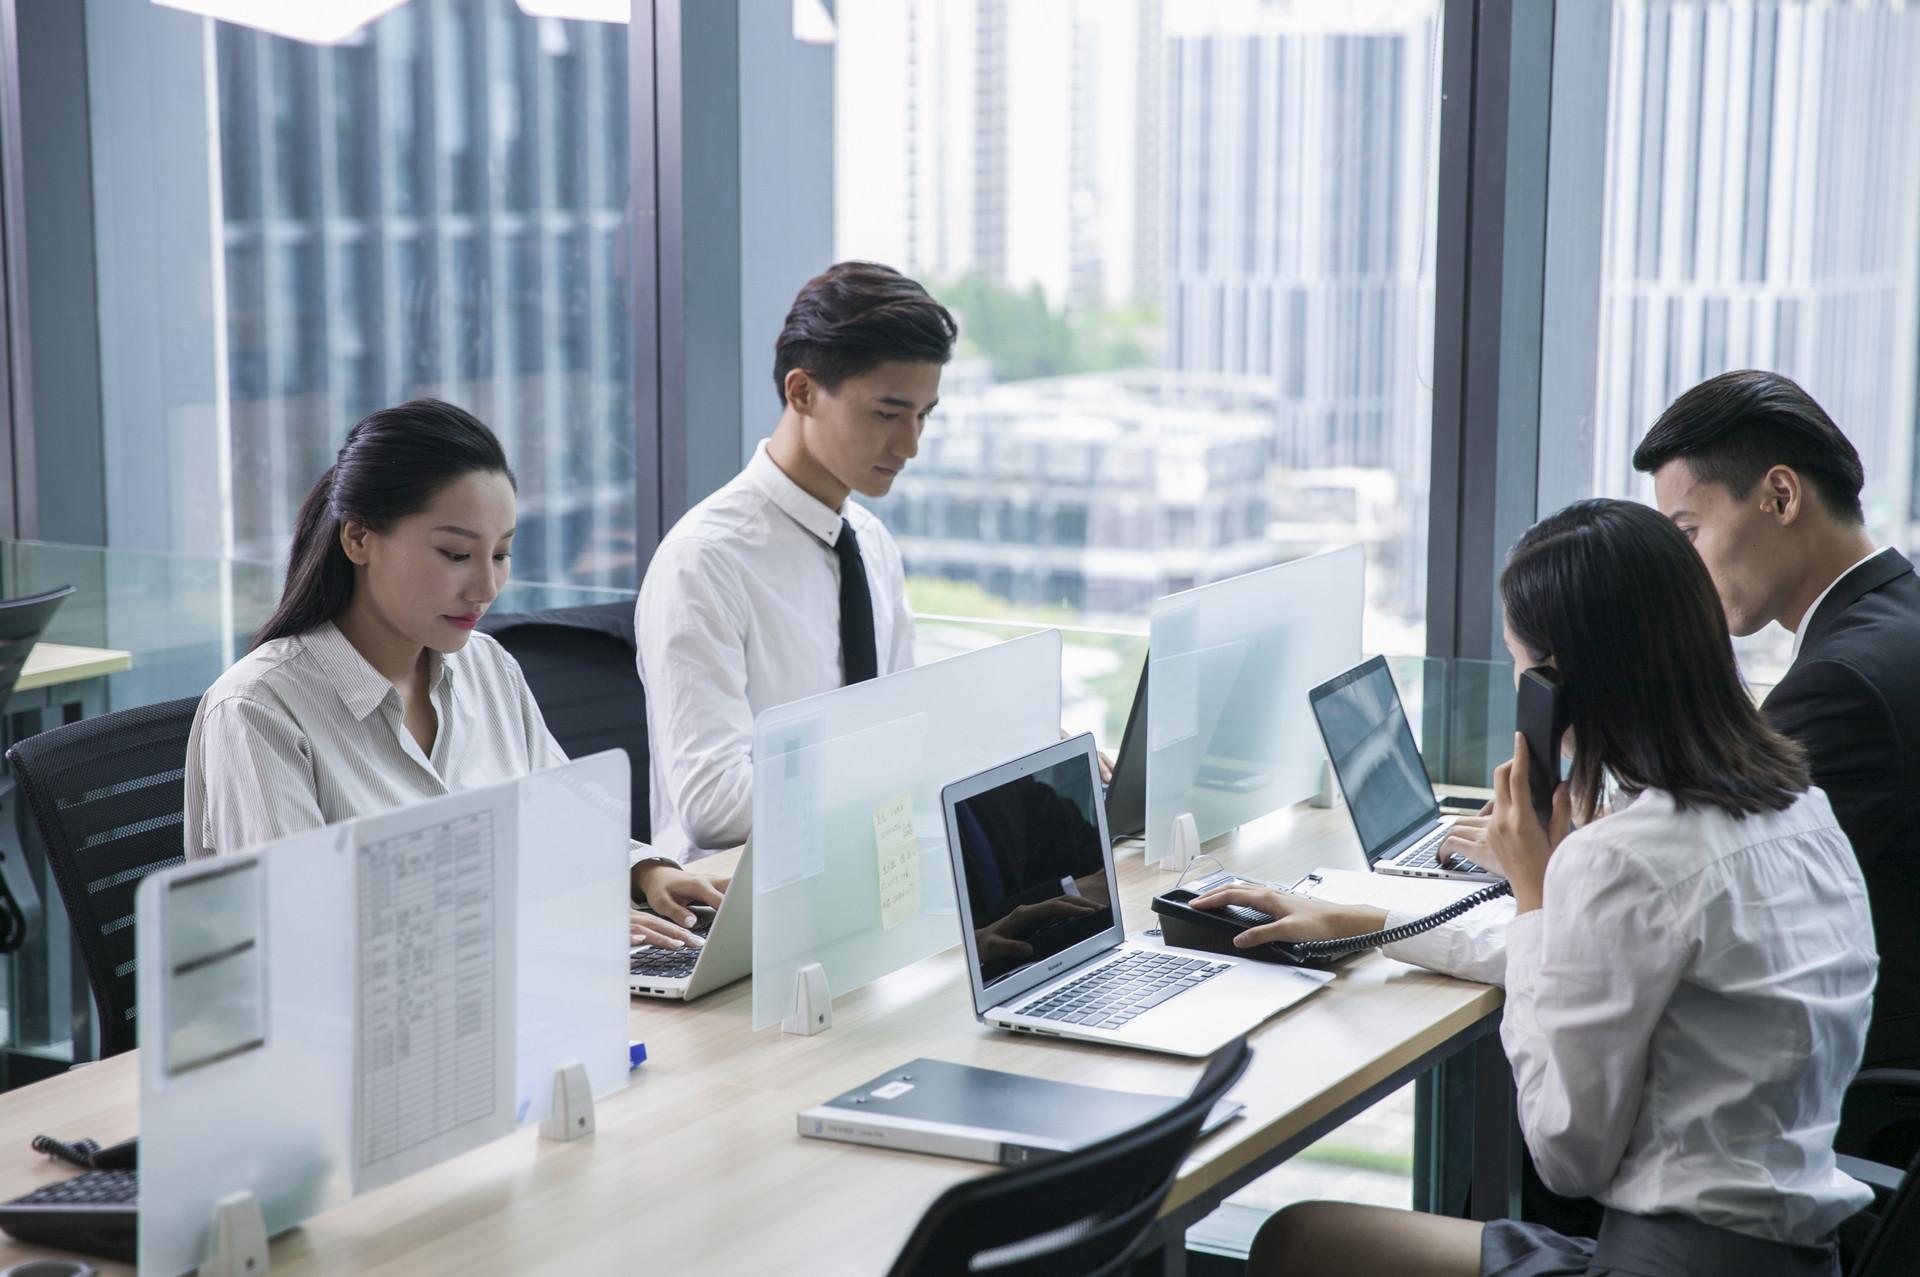 有代缴社保需求的企业,如何选择广州社保代缴机构?